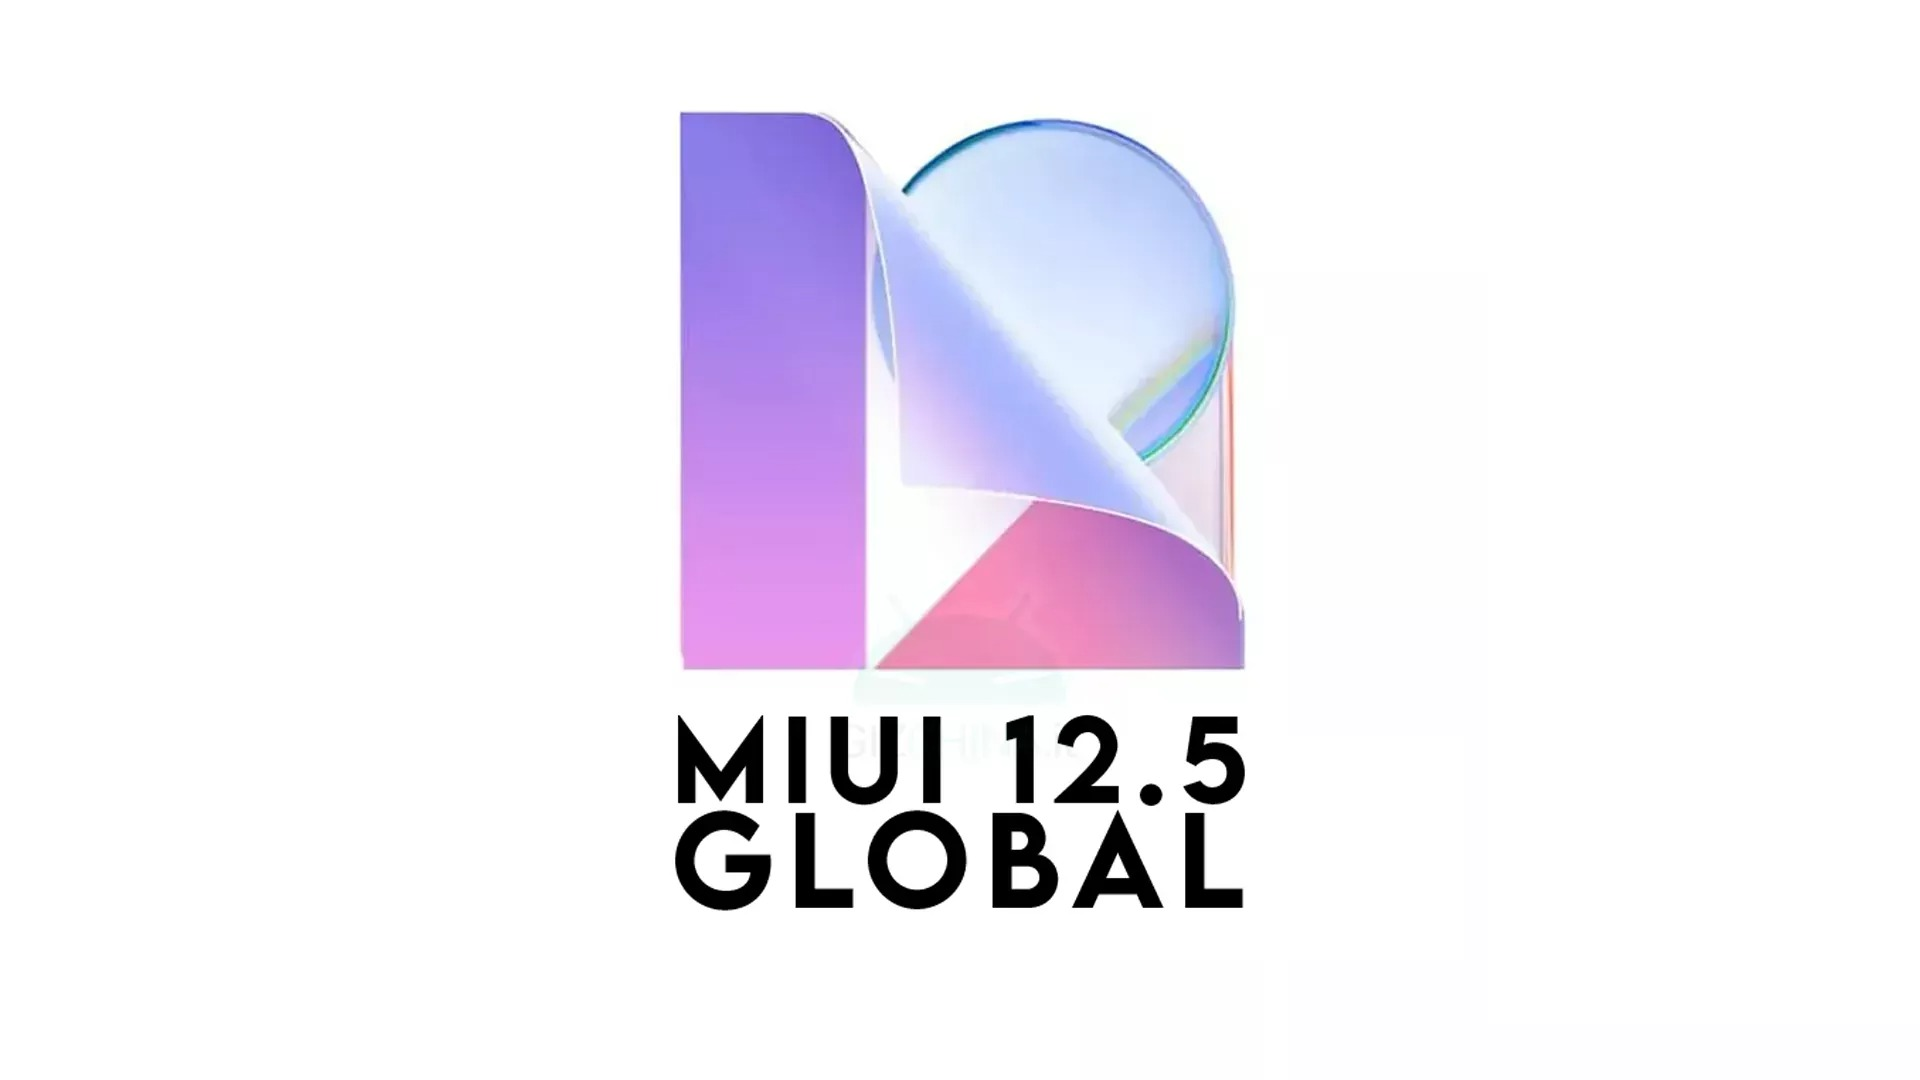 MIUI 12.5 Enhanced Global è ufficiale: tempi e smartphone supportati